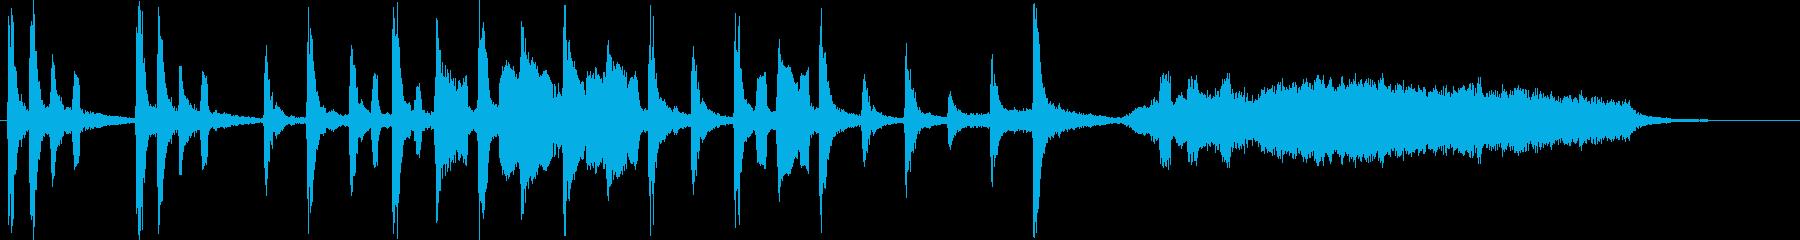 ほのぼのした場面のショートソングの再生済みの波形